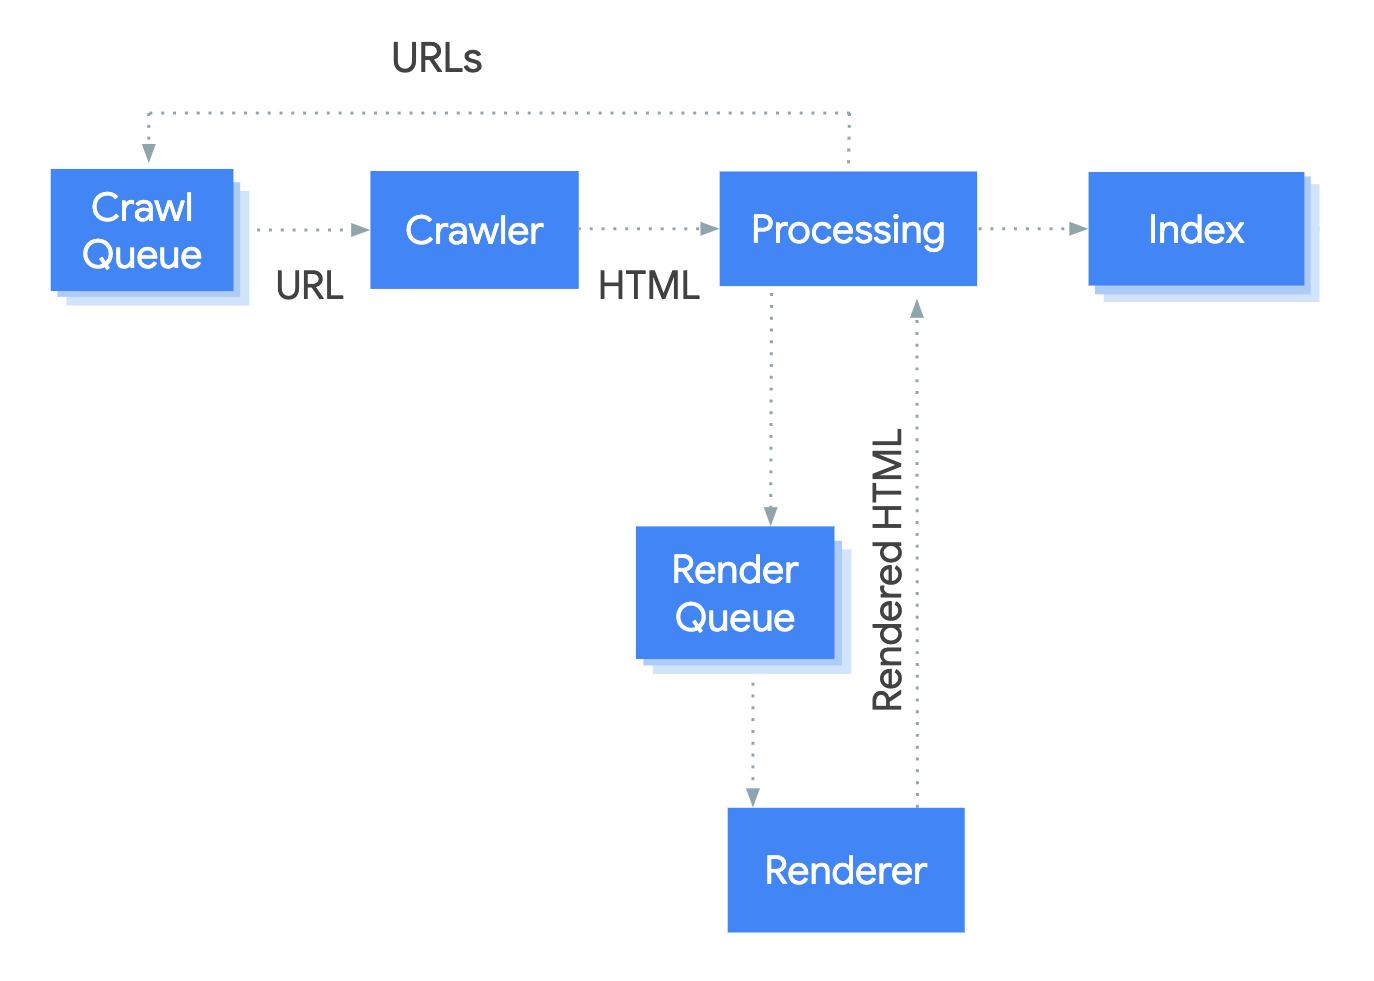 renderowanie strony przez Googlebot